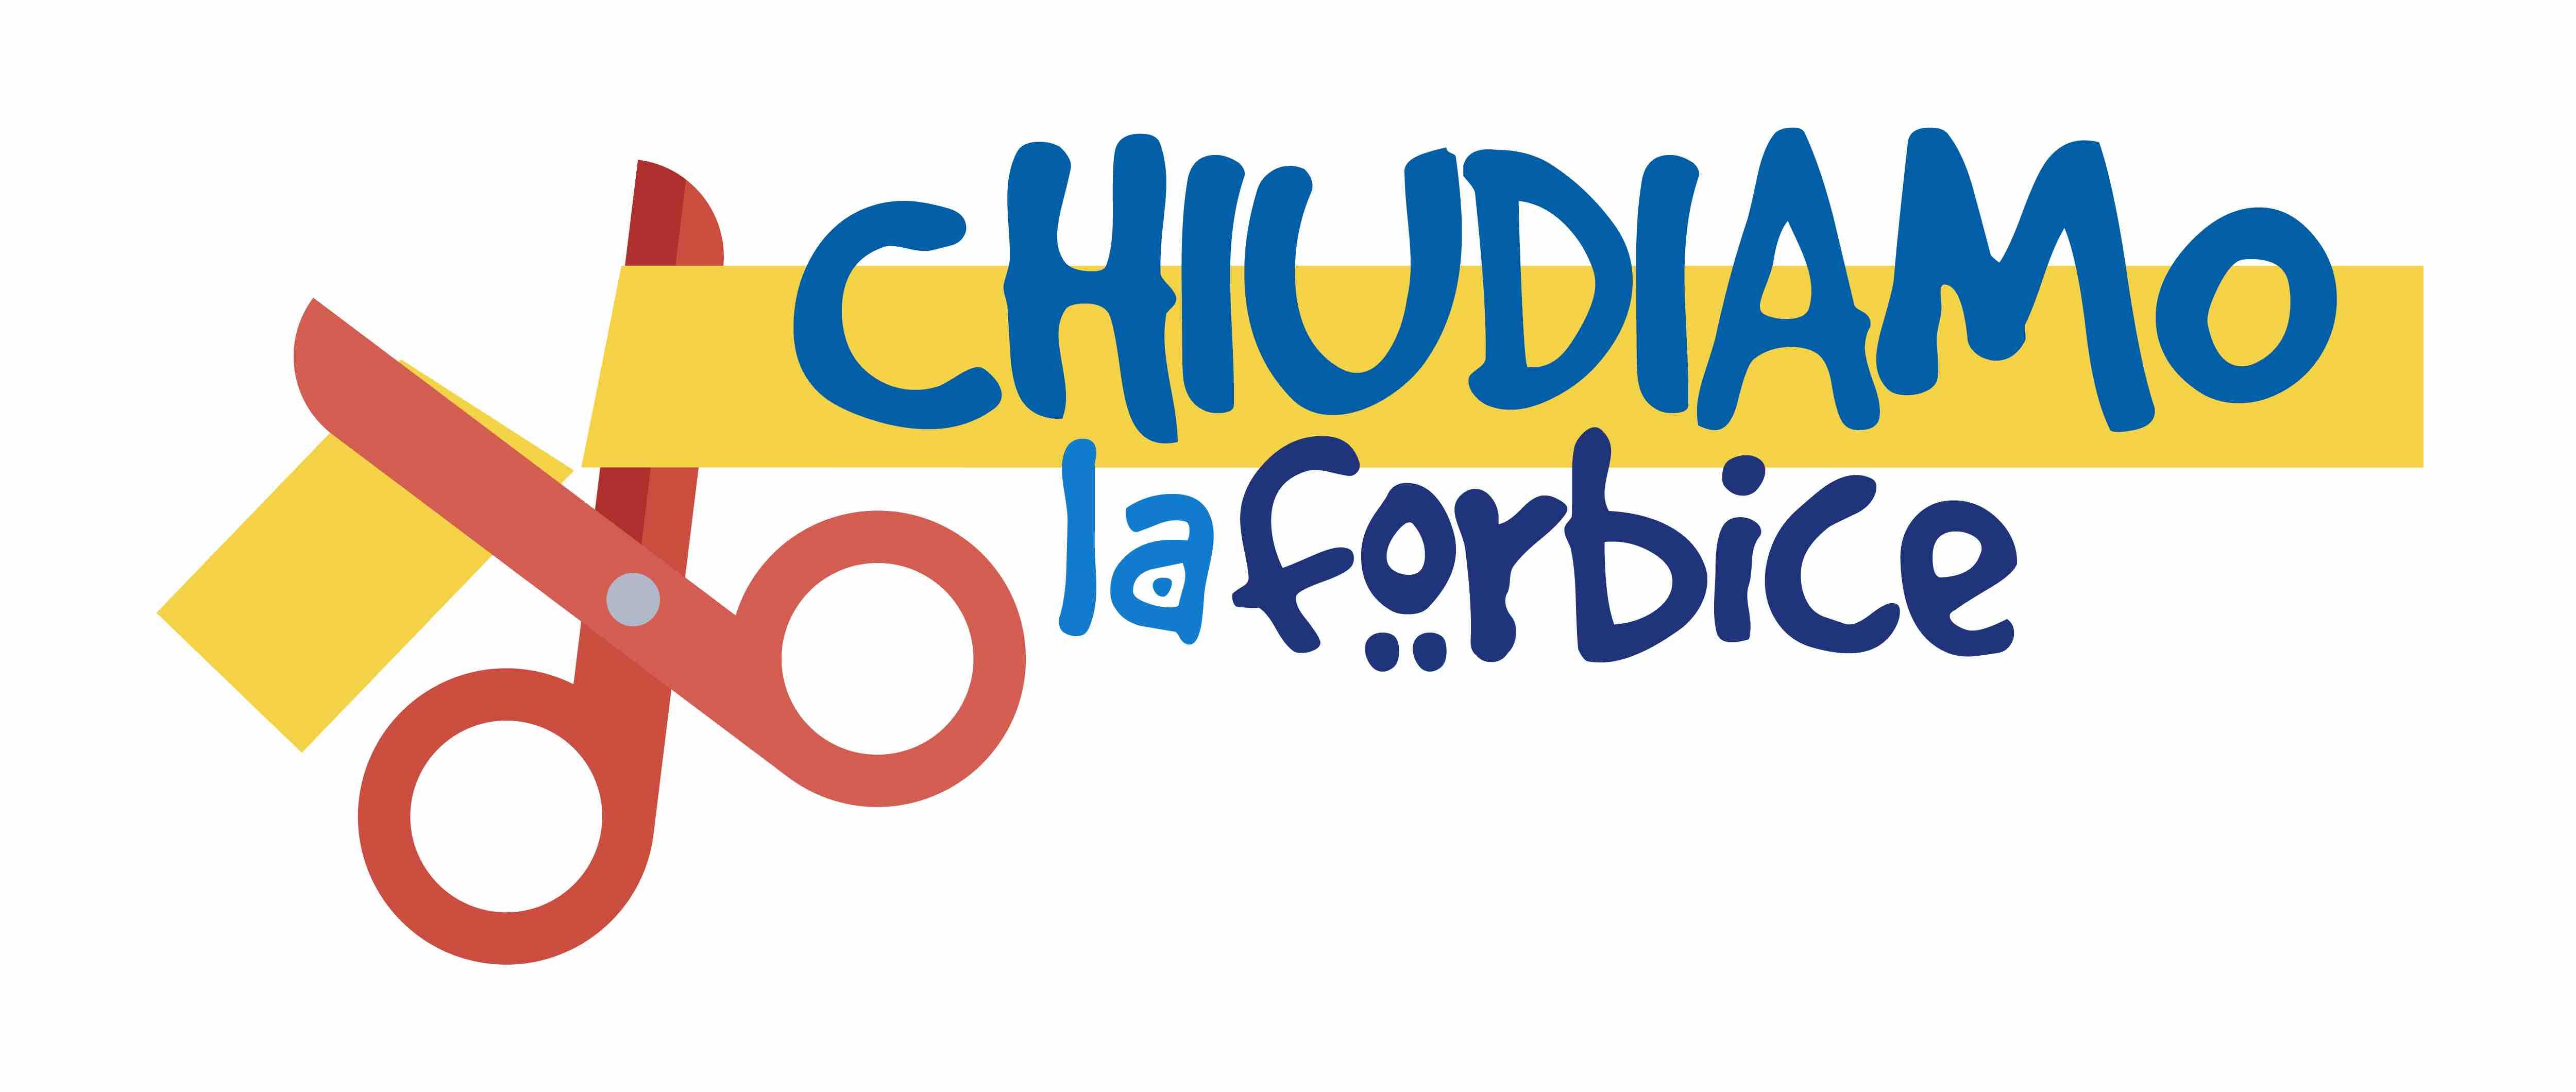 Campagna CHIUDIAMO LA FORBICE